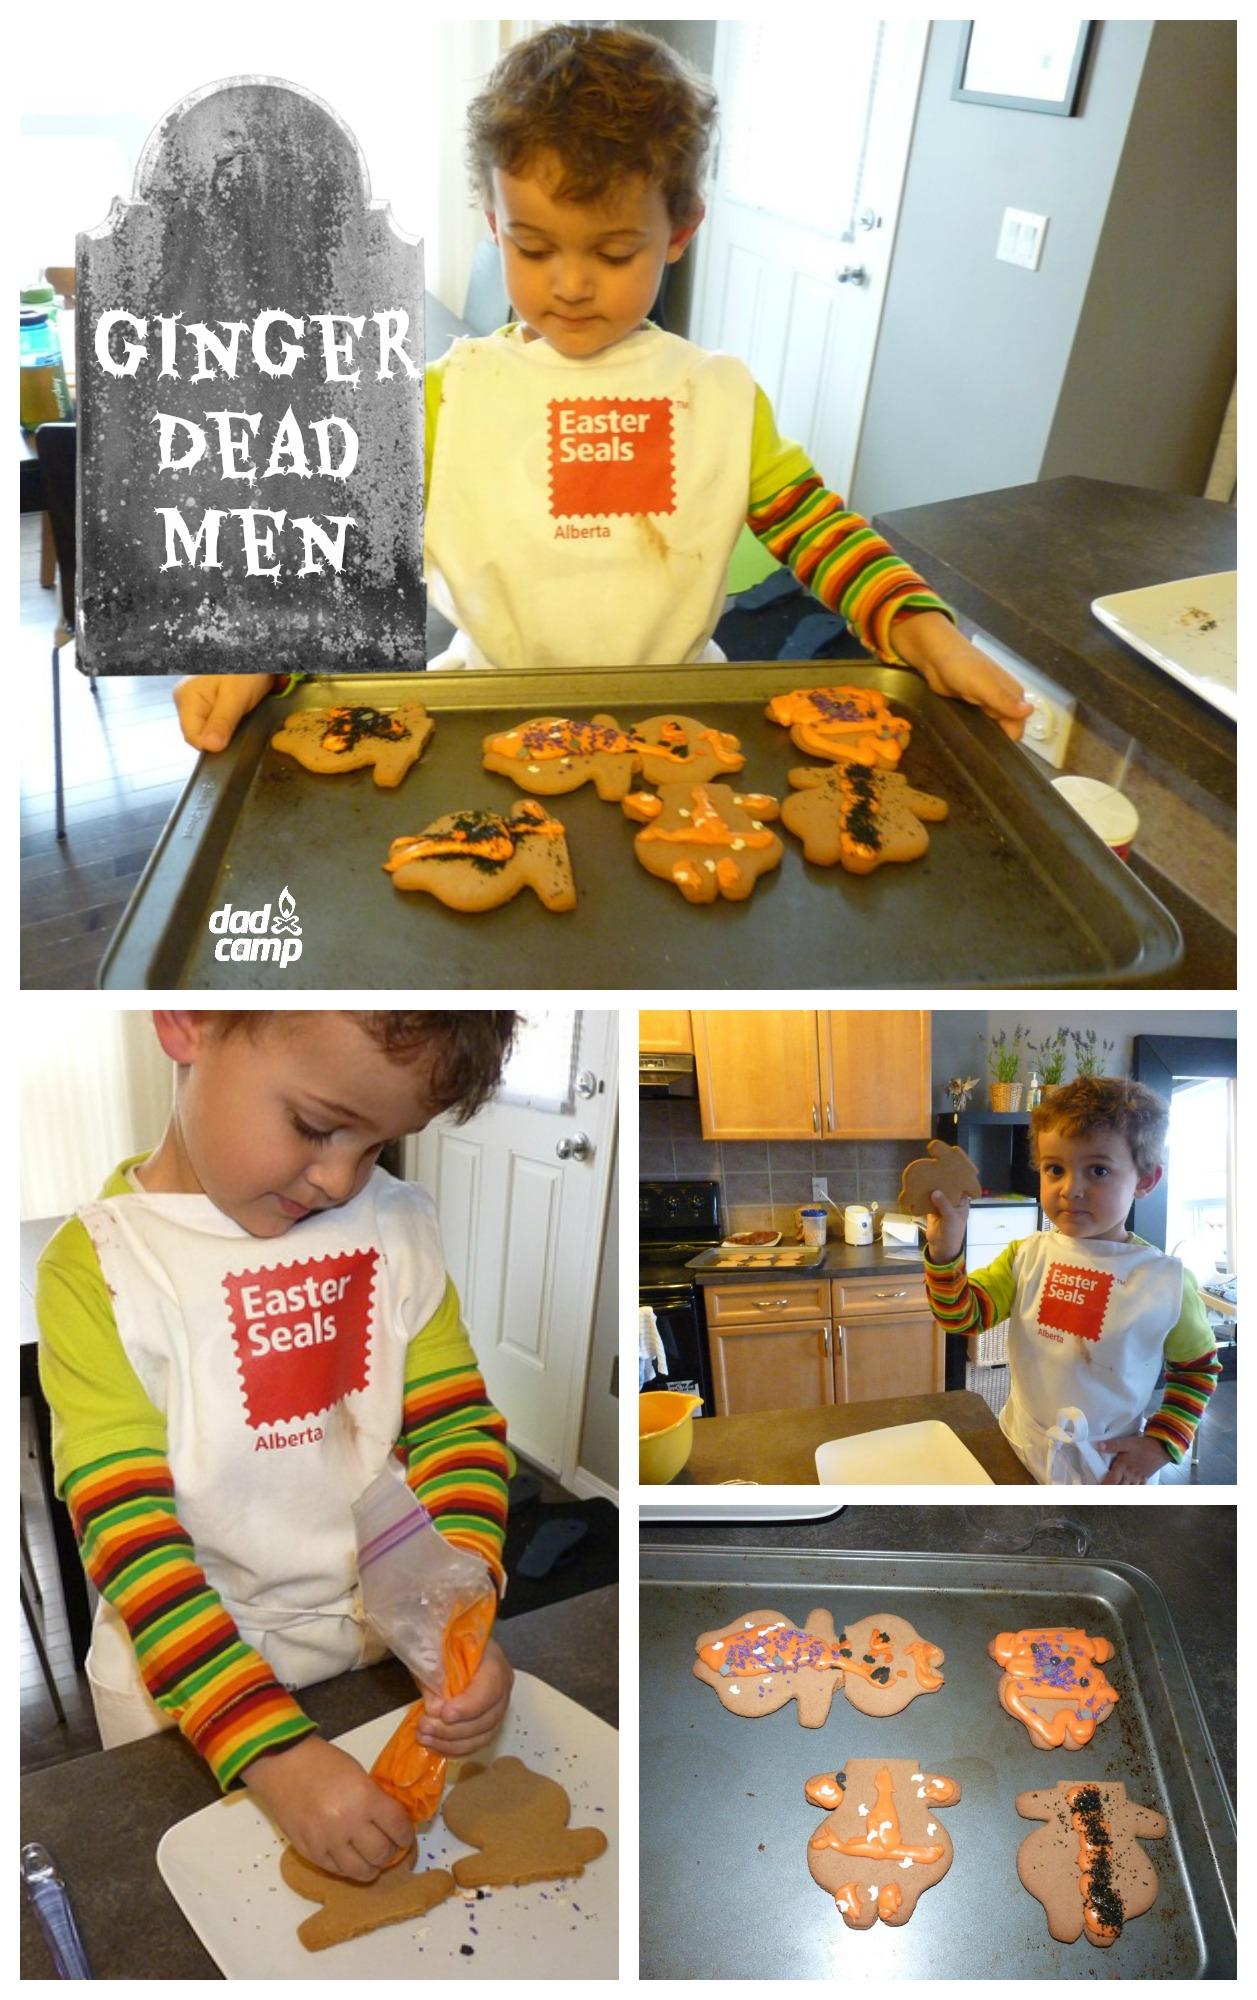 Gingerdead Men Cookies